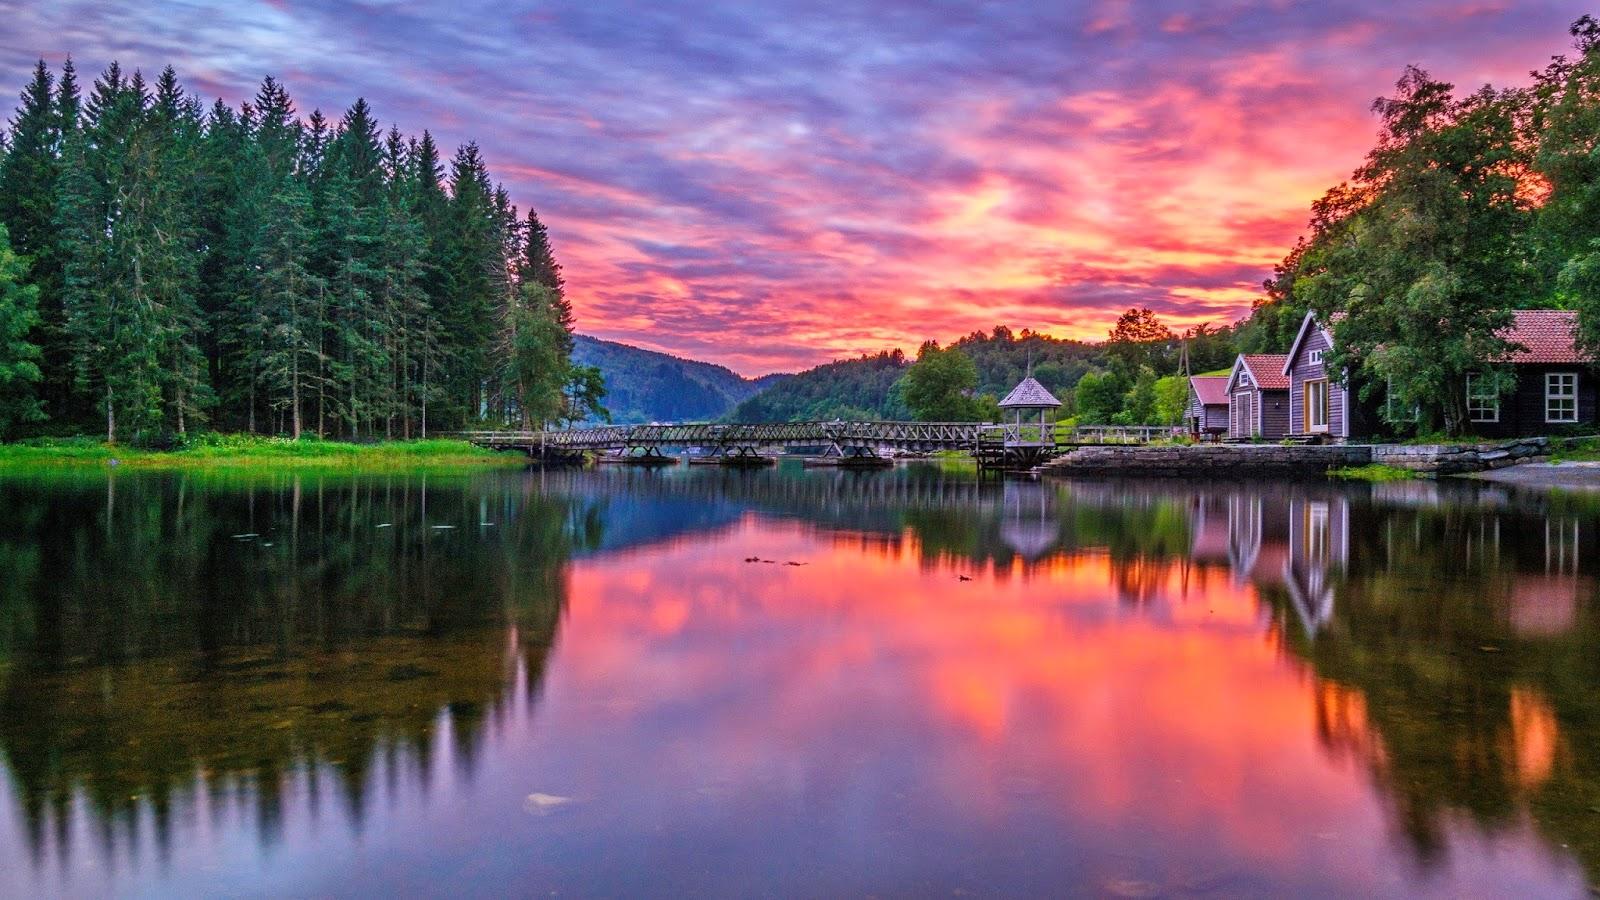 بالصور اجمل مناظر في العالم , سحر الطبيعة الخلابة 3467 4